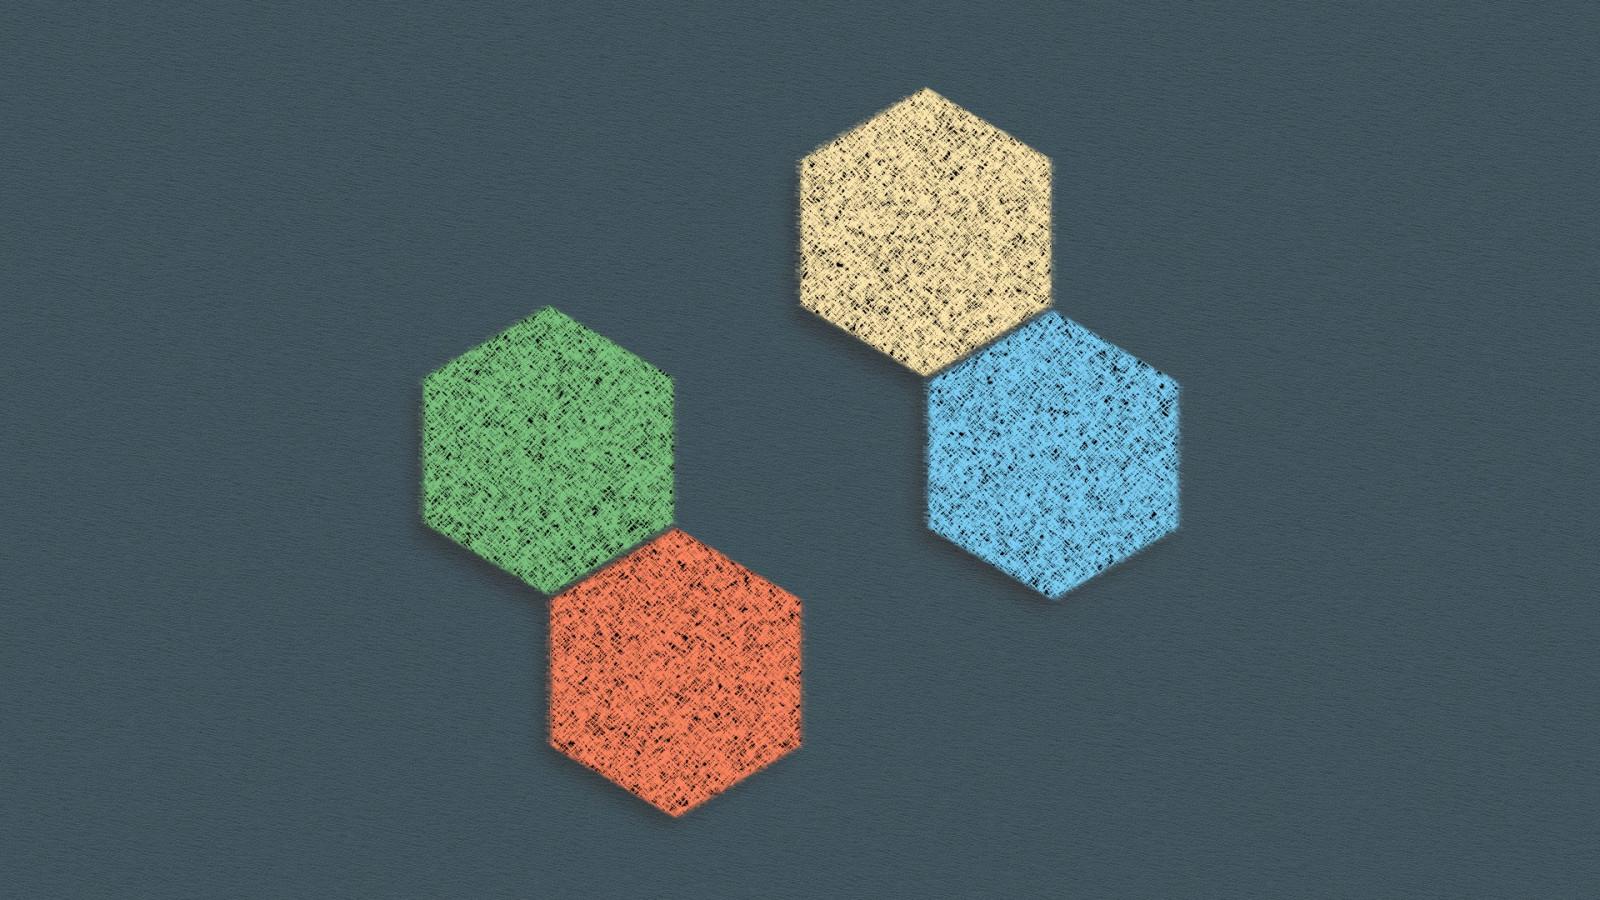 Wallpaper Abstrak Minimalis Simetri Sederhana Segi Enam